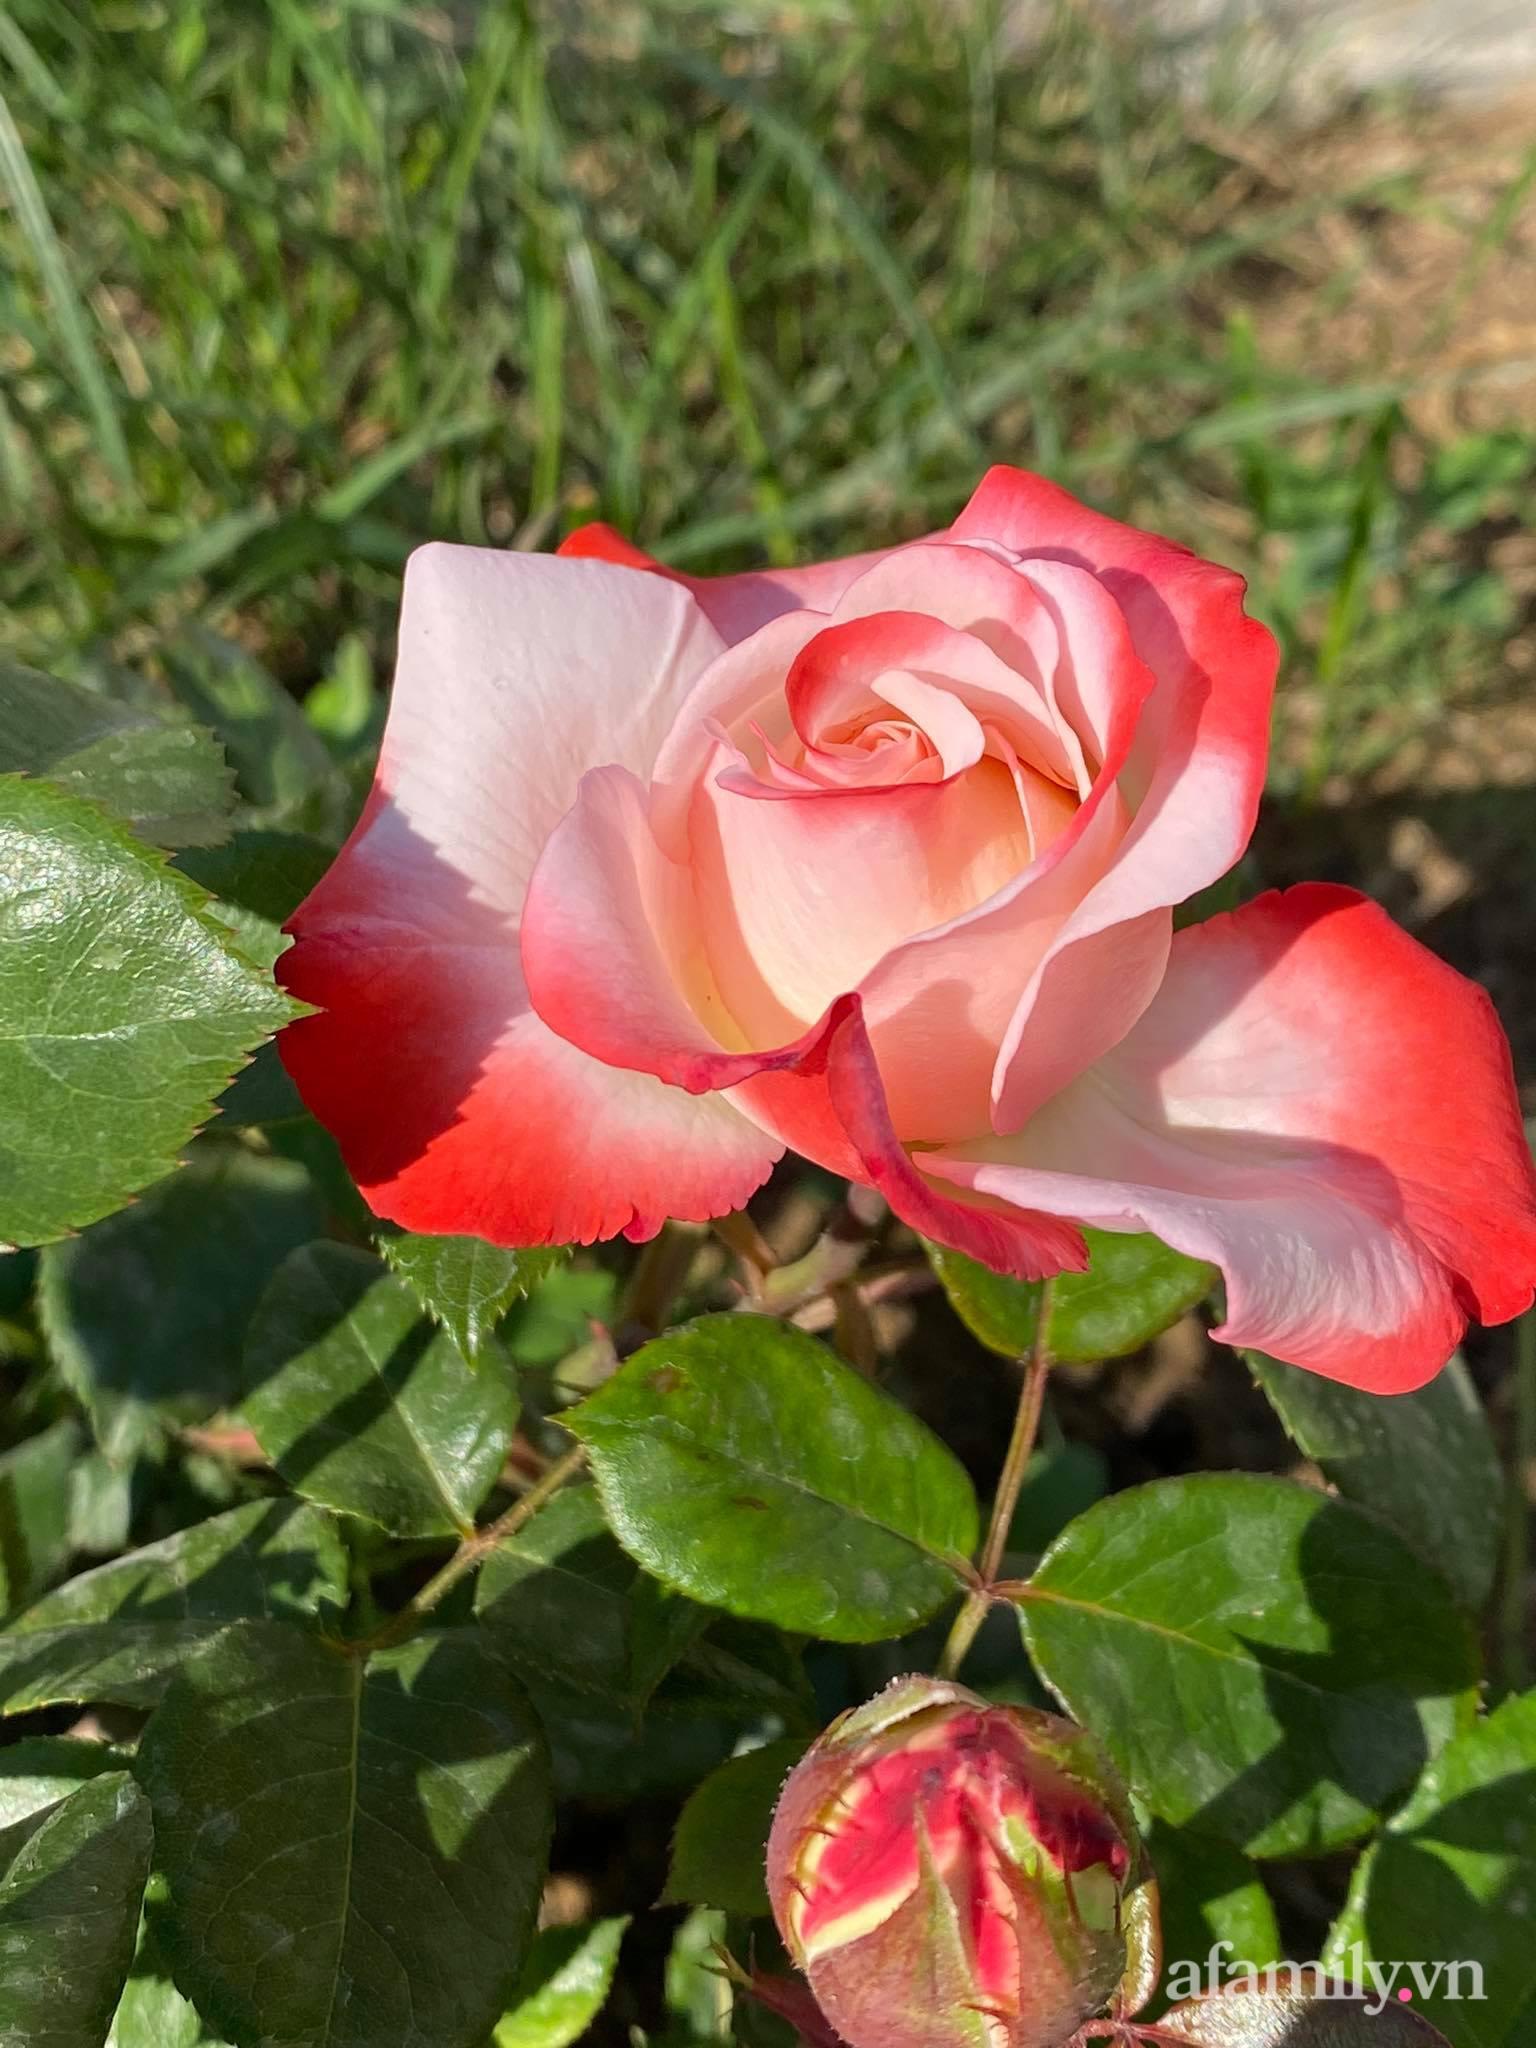 Khu vườn ngát hương hoa, tươi xanh màu rau củ của nữ giám đốc Việt ở Nga - Ảnh 10.